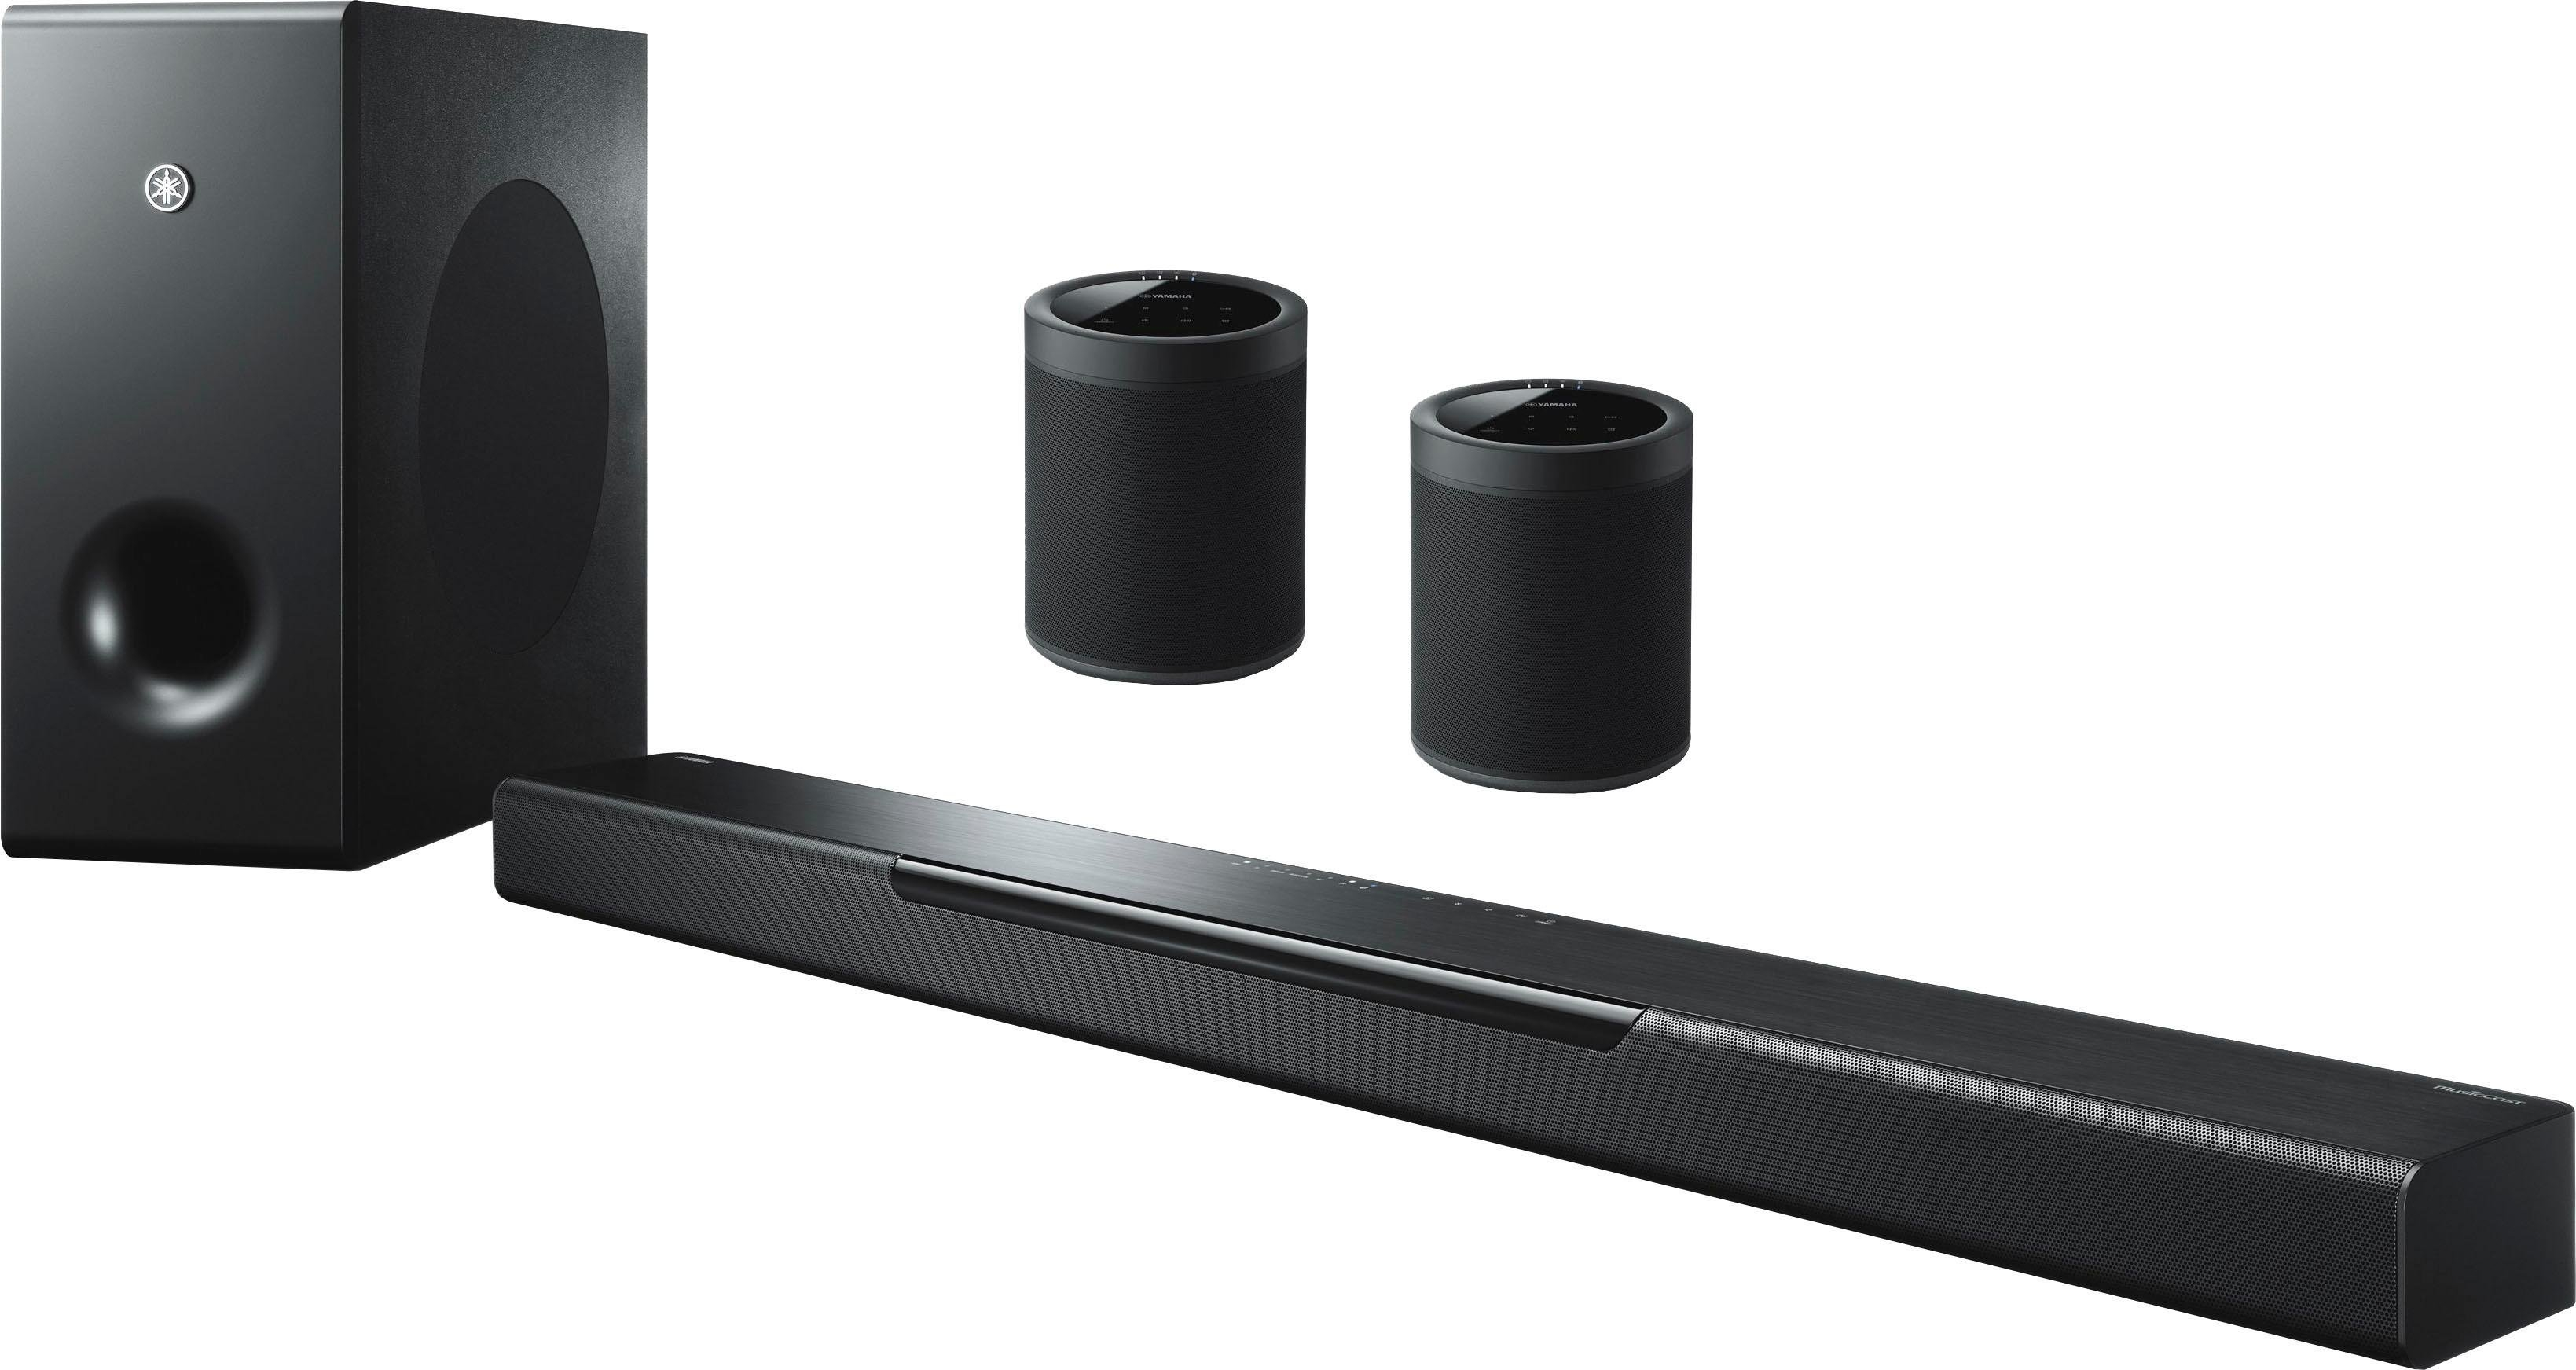 Yamaha »MusicCast Bar 400« 2.1 soundbar (bluetooth, wifi, app-aansturing, 200 W) - gratis ruilen op otto.nl